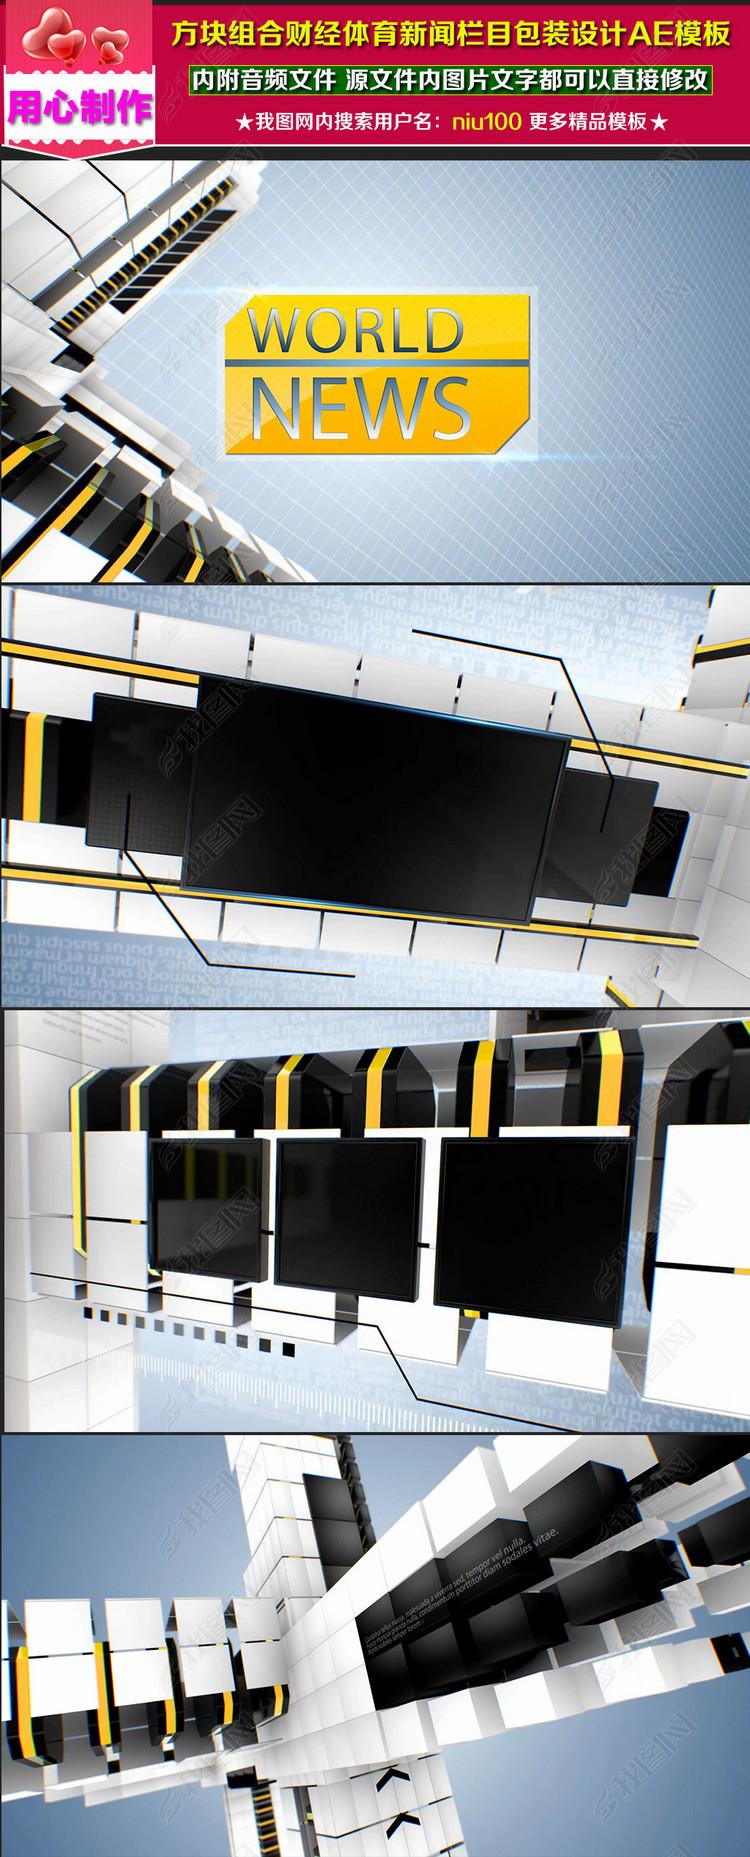 立体方块组合财经体育新闻栏目包装设计ae